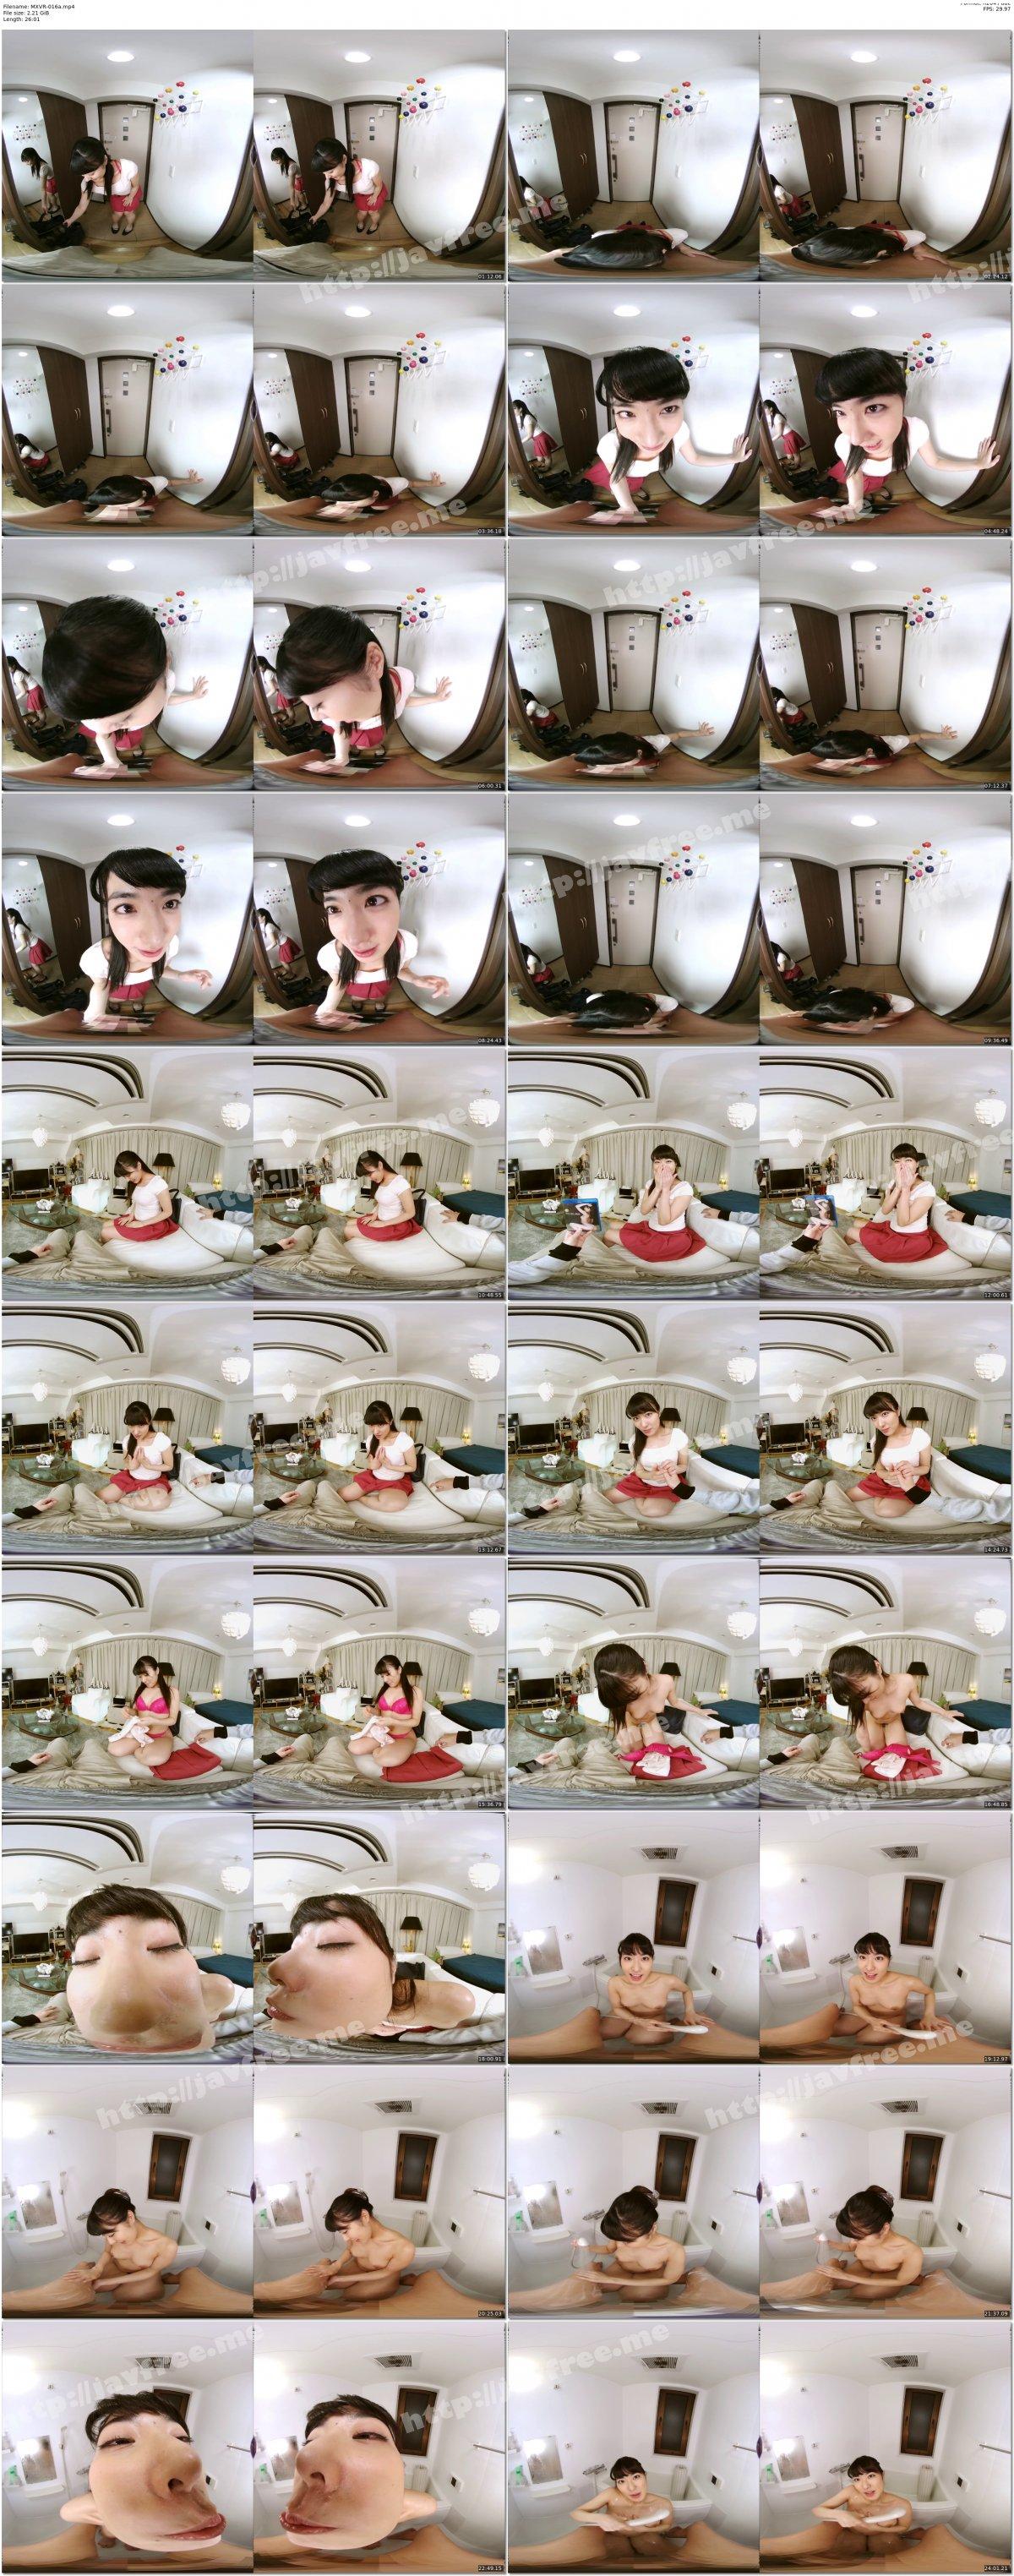 [MXVR-016] 【VR】AV女優がデリヘル譲でやってきた。~制服コスプレで恥かしそうな彼女の魅力~【由愛可奈】 - image MXVR-016a on https://javfree.me